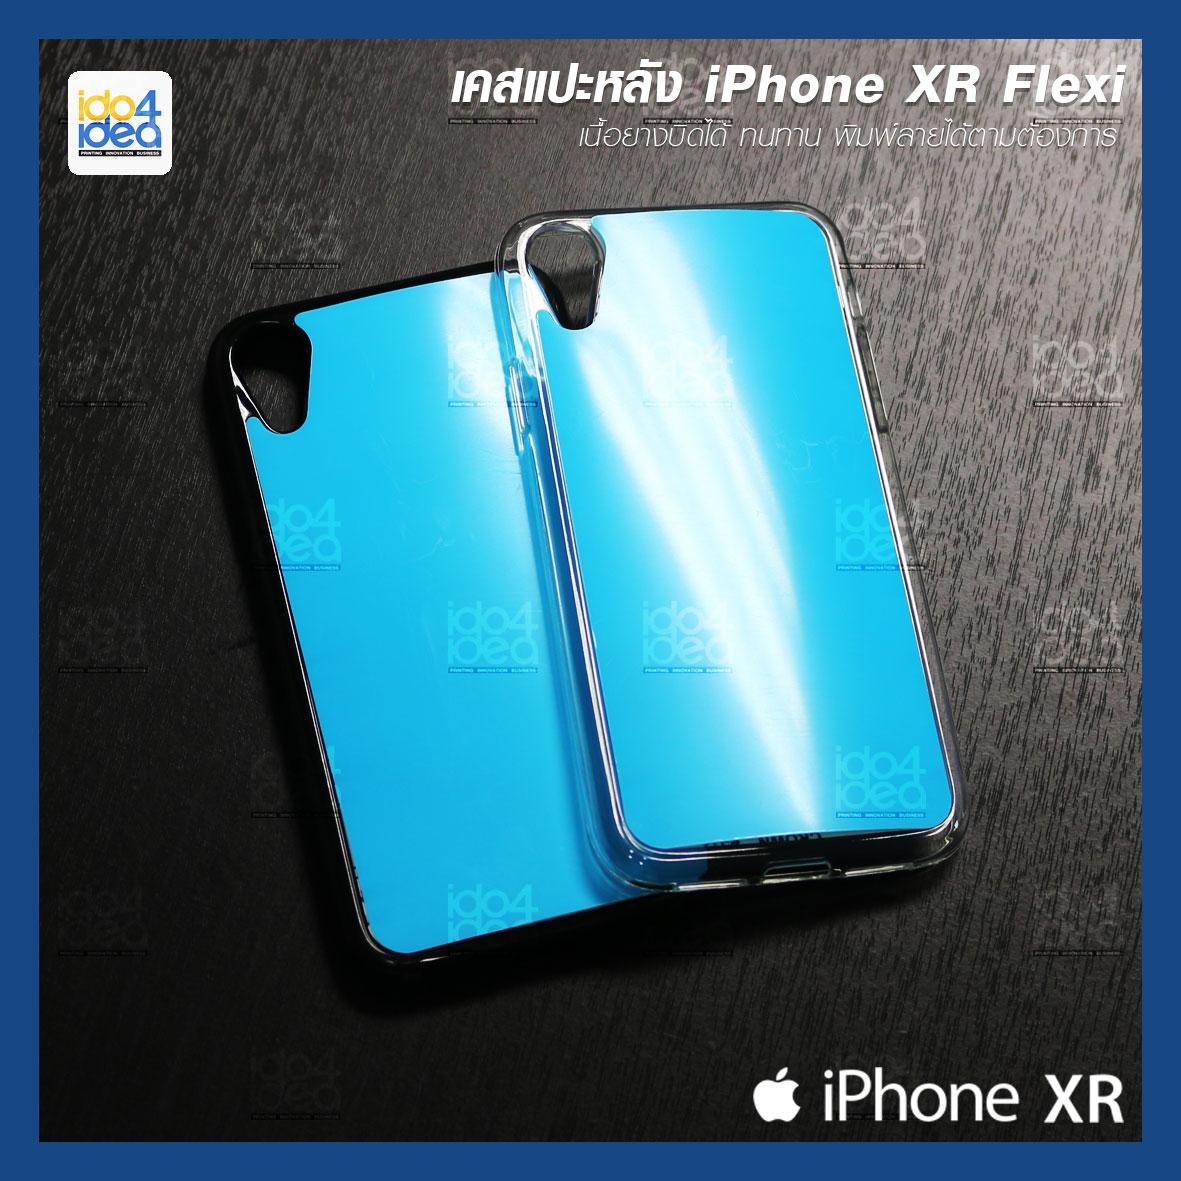 เคส iPhone XR Flexi เนื้อยางบิดได้ มี 2 สี ให้เลือก